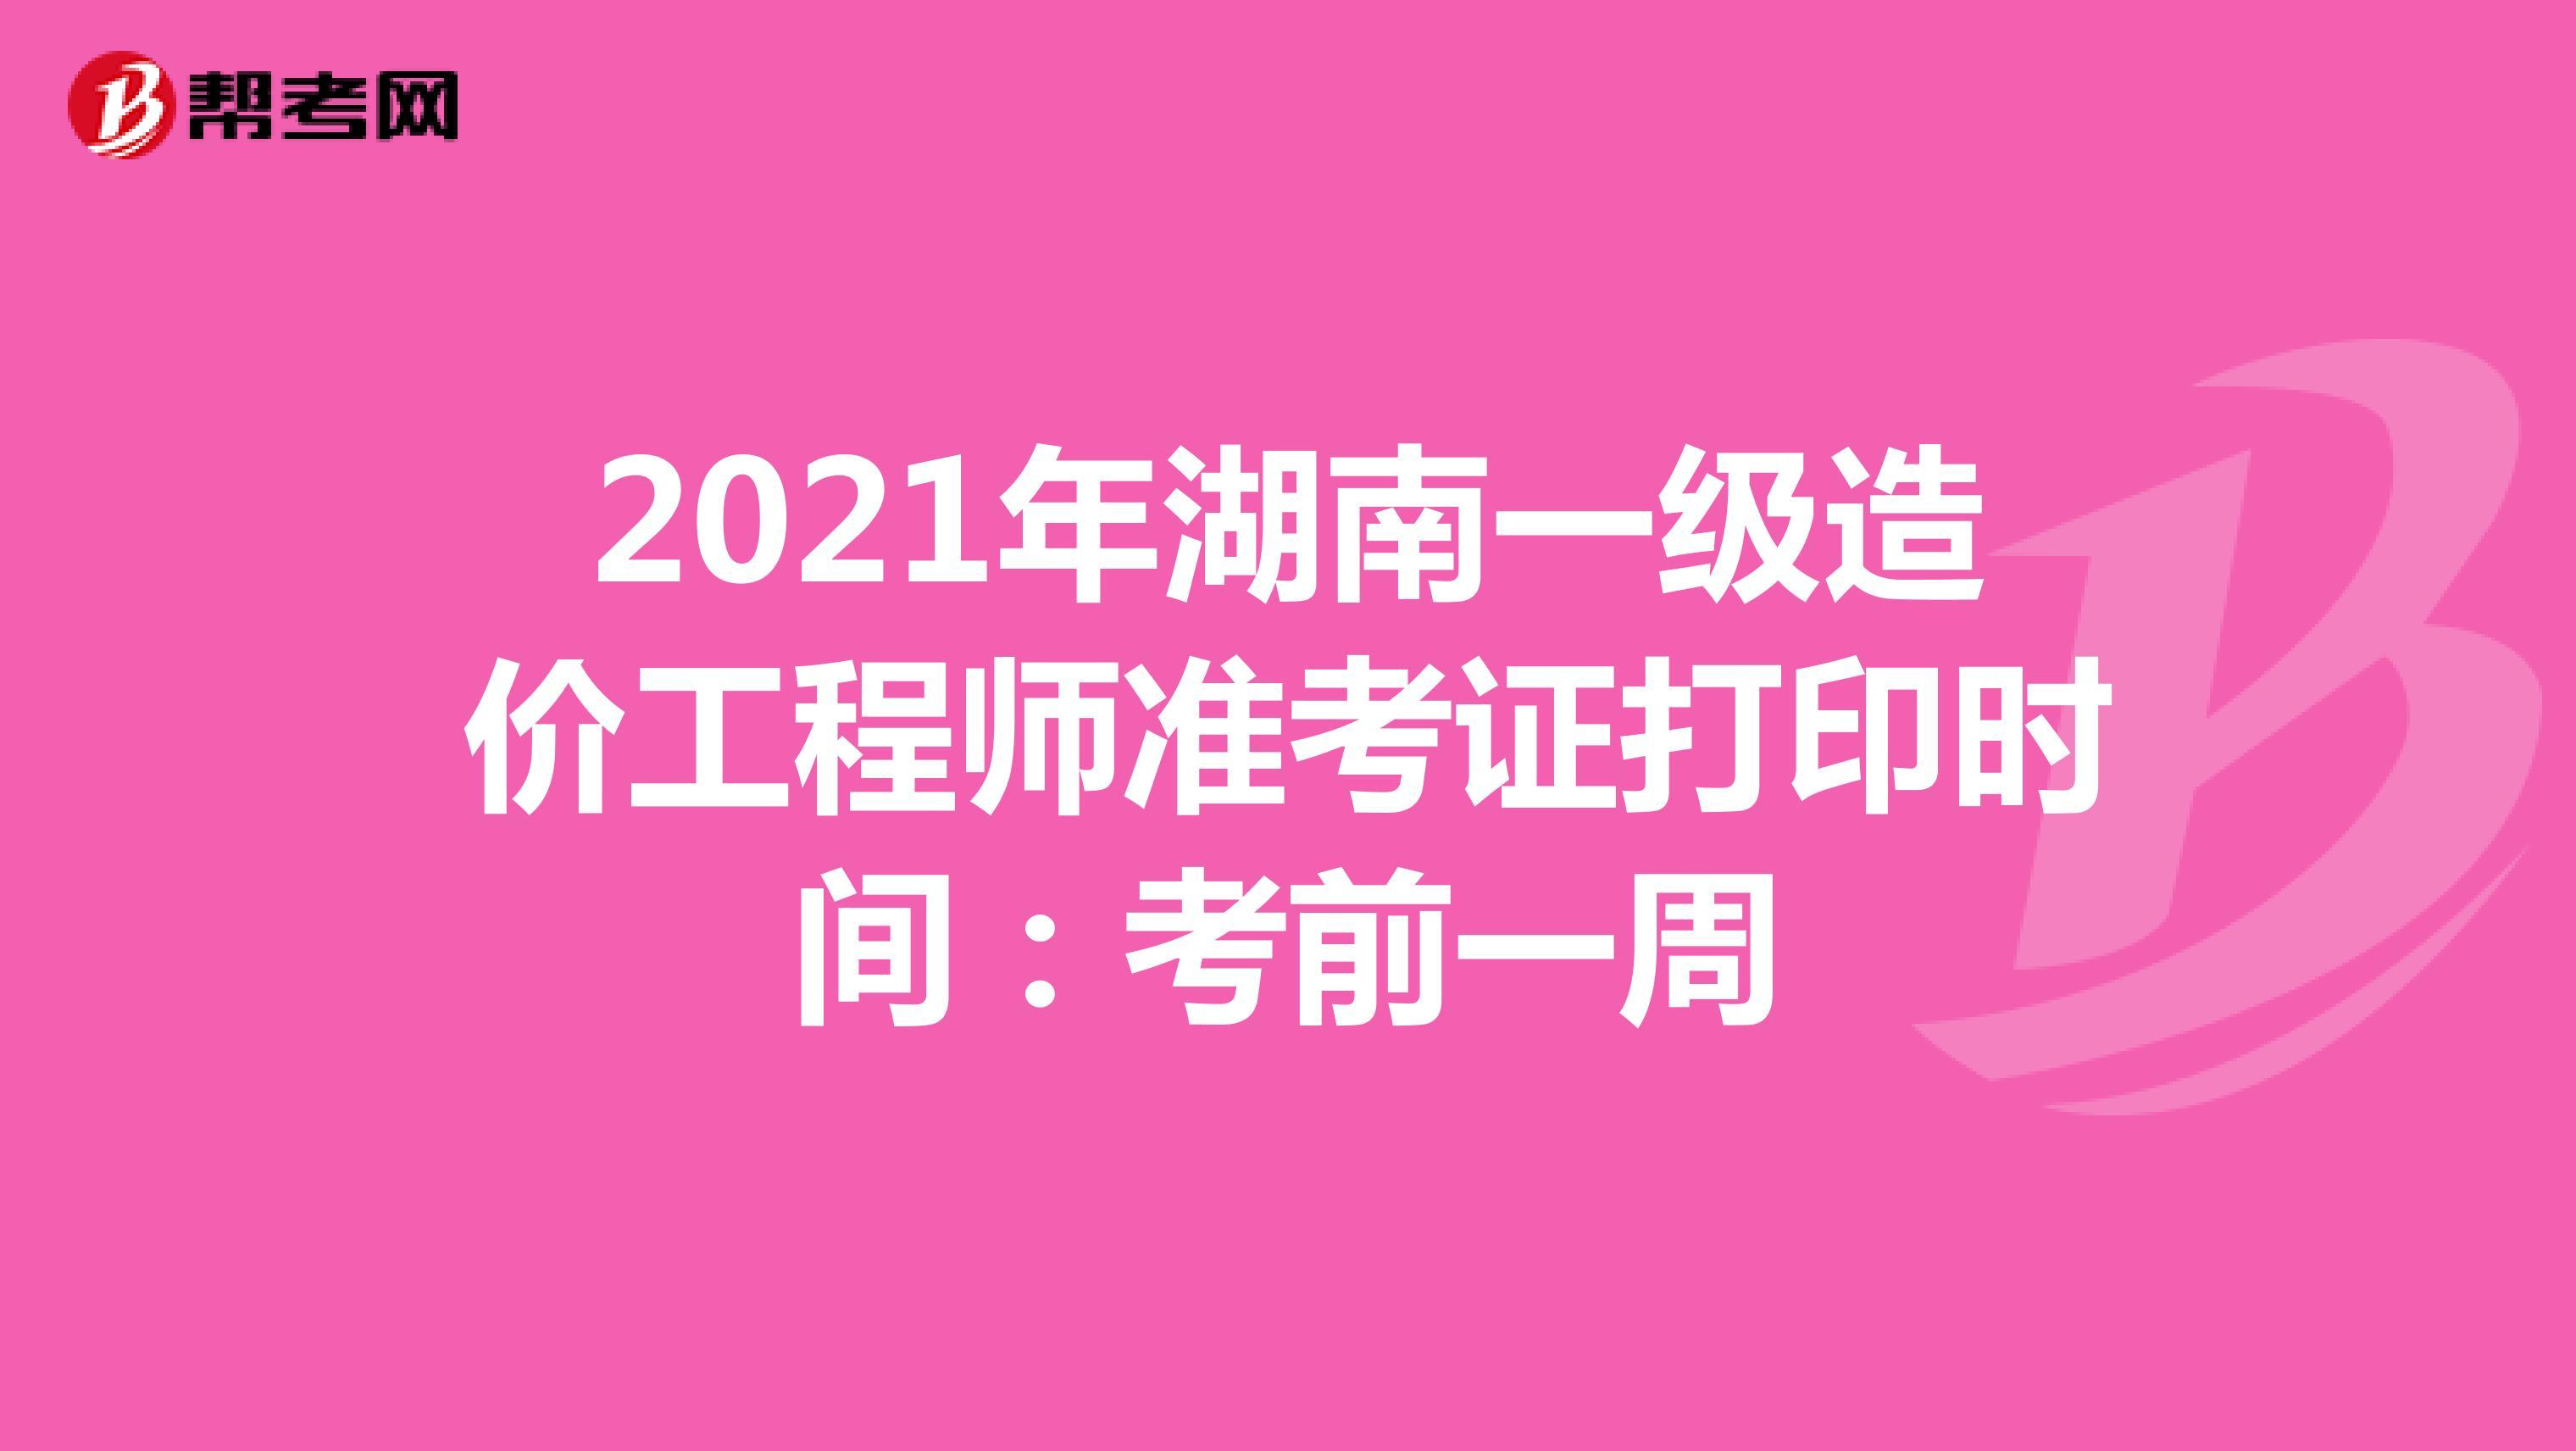 2021年湖南一级造价工程师准考证打印时间:考前一周